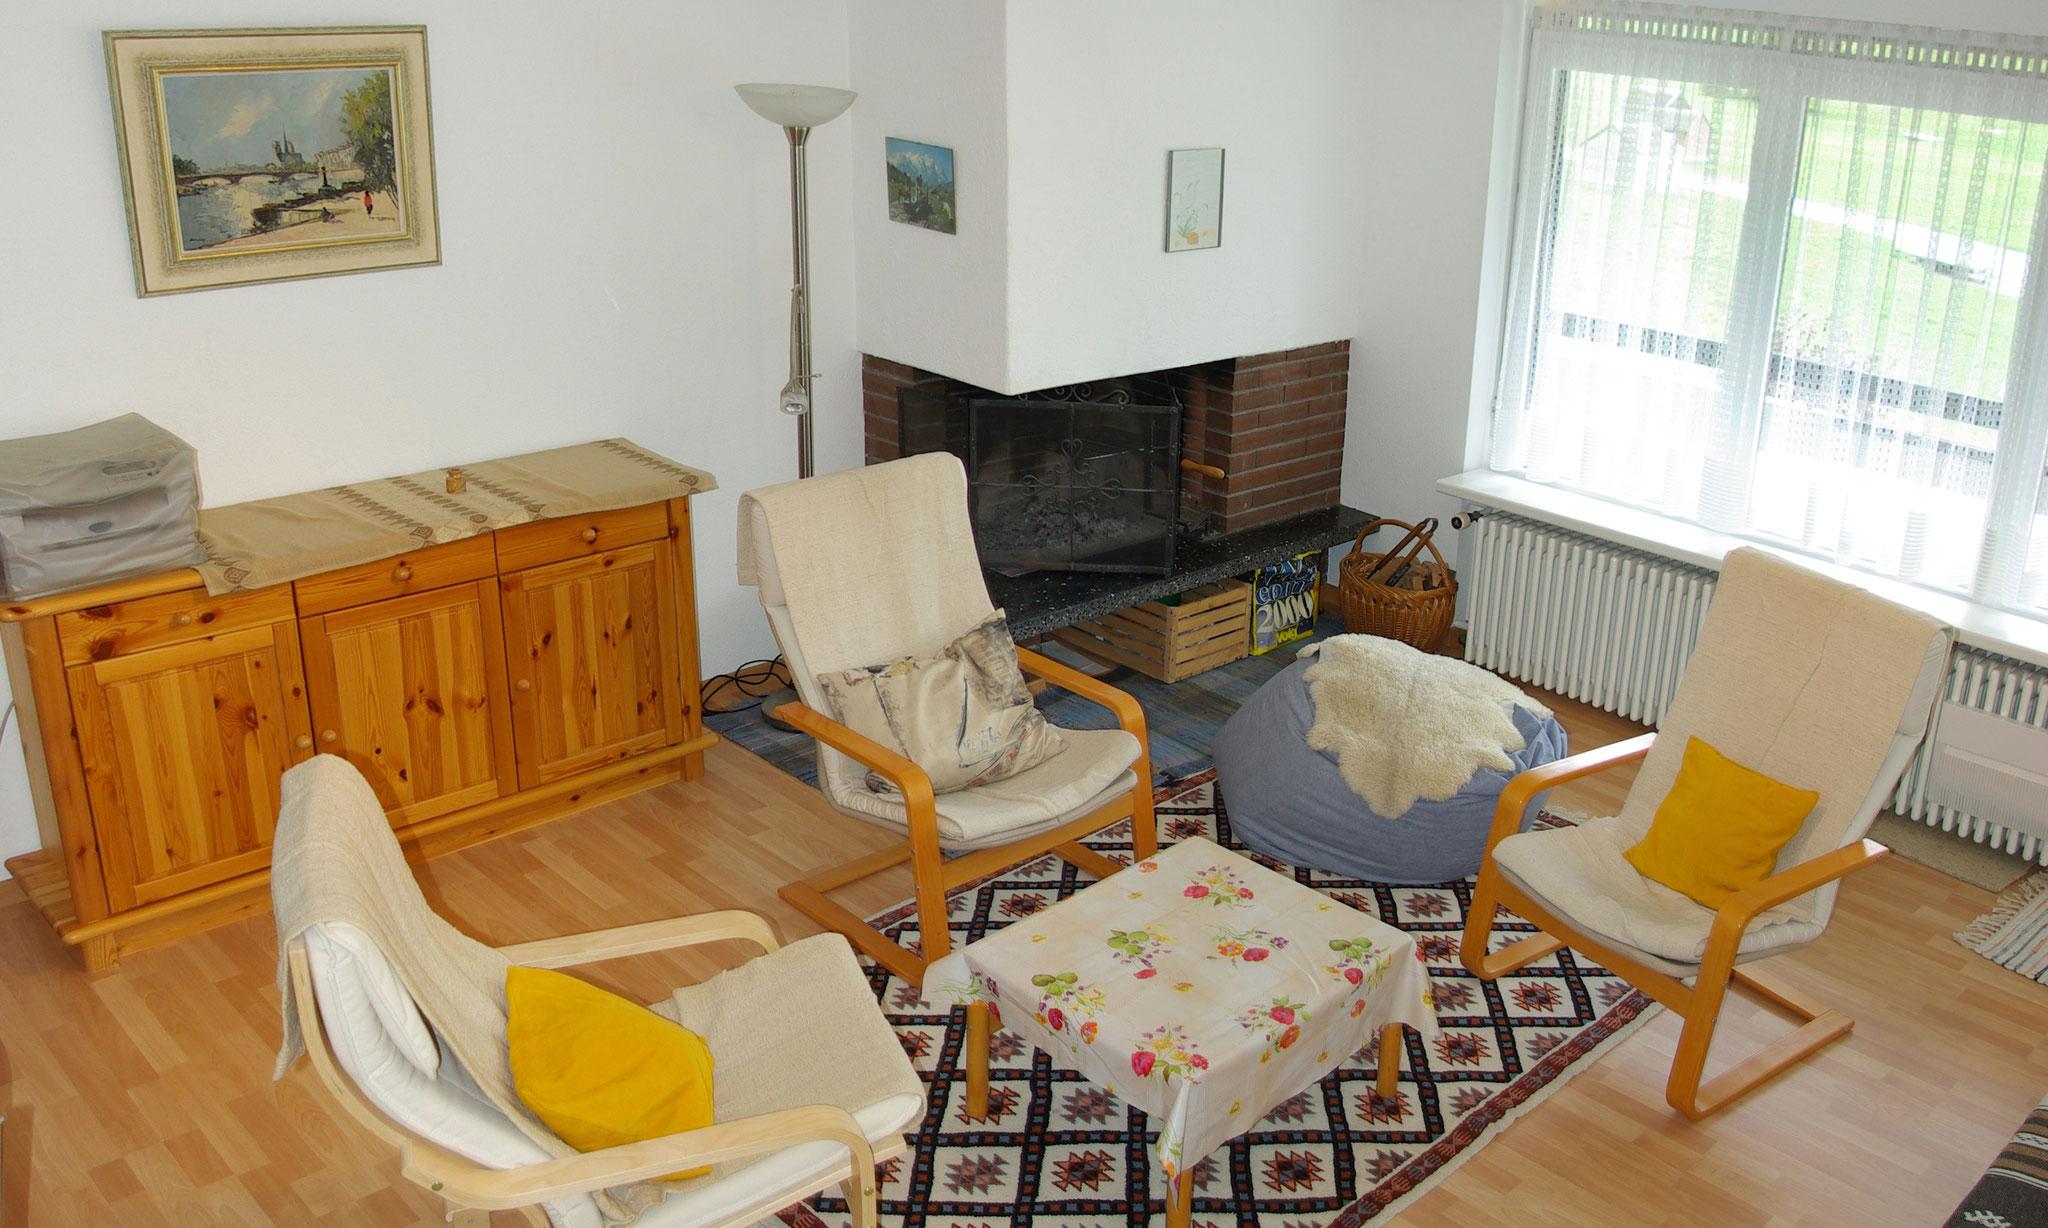 Cheminée im Wohnzimmer